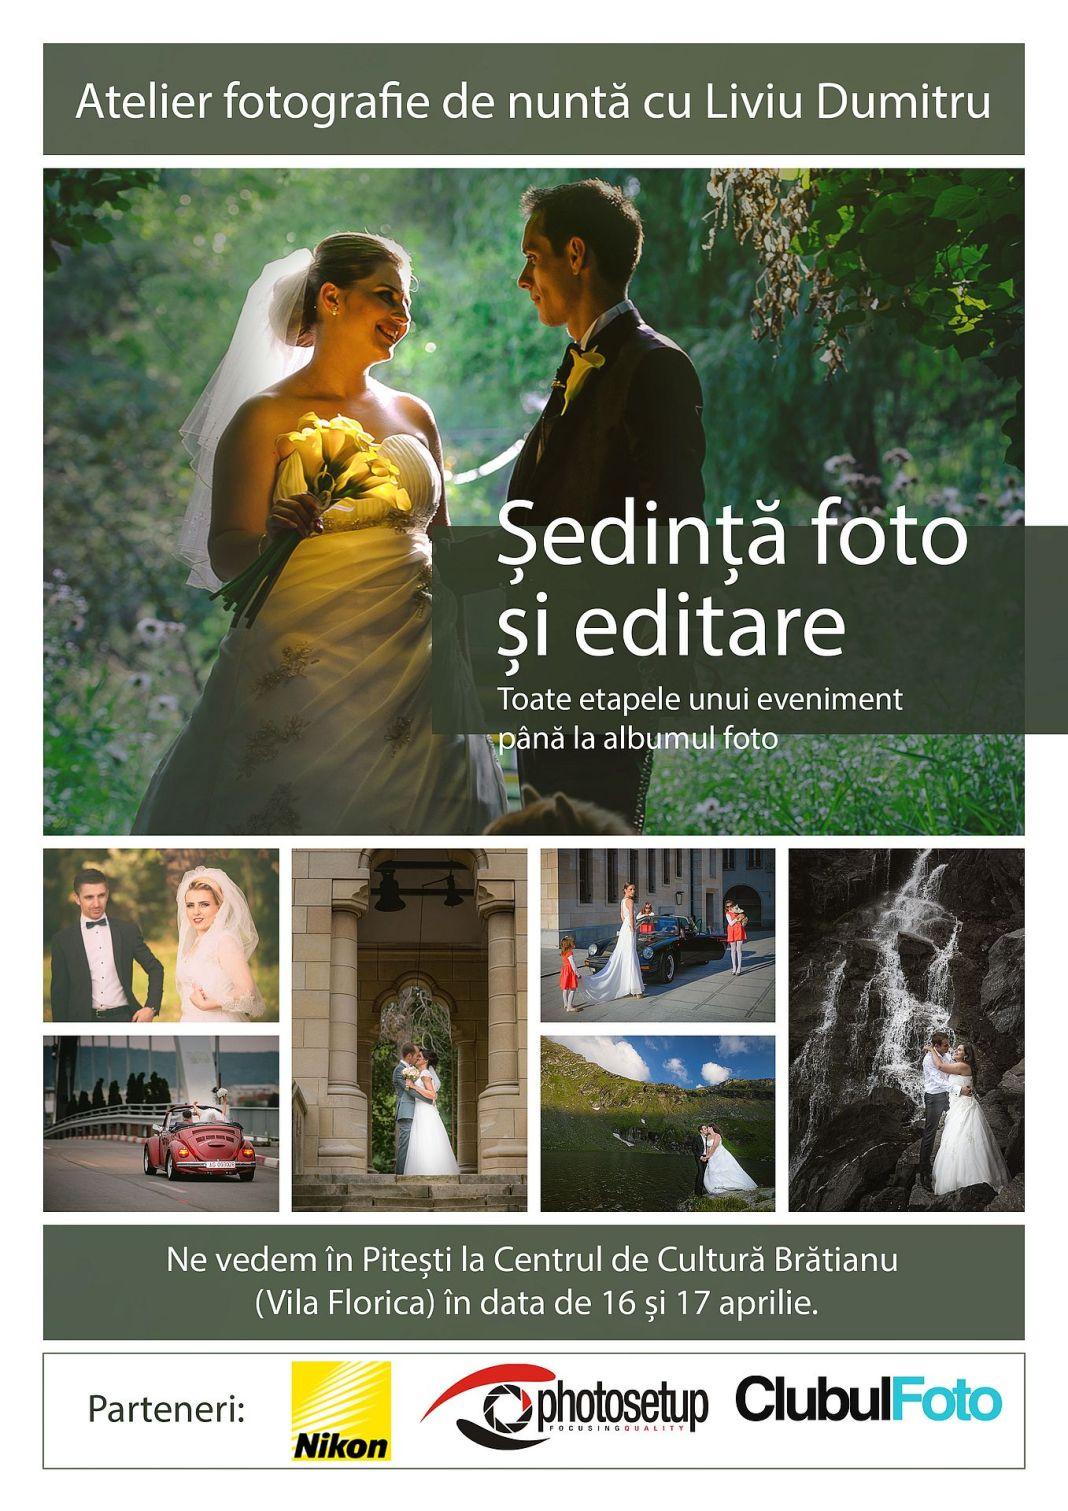 Workshop de fotografie de nunta cu Liviu Dumitru